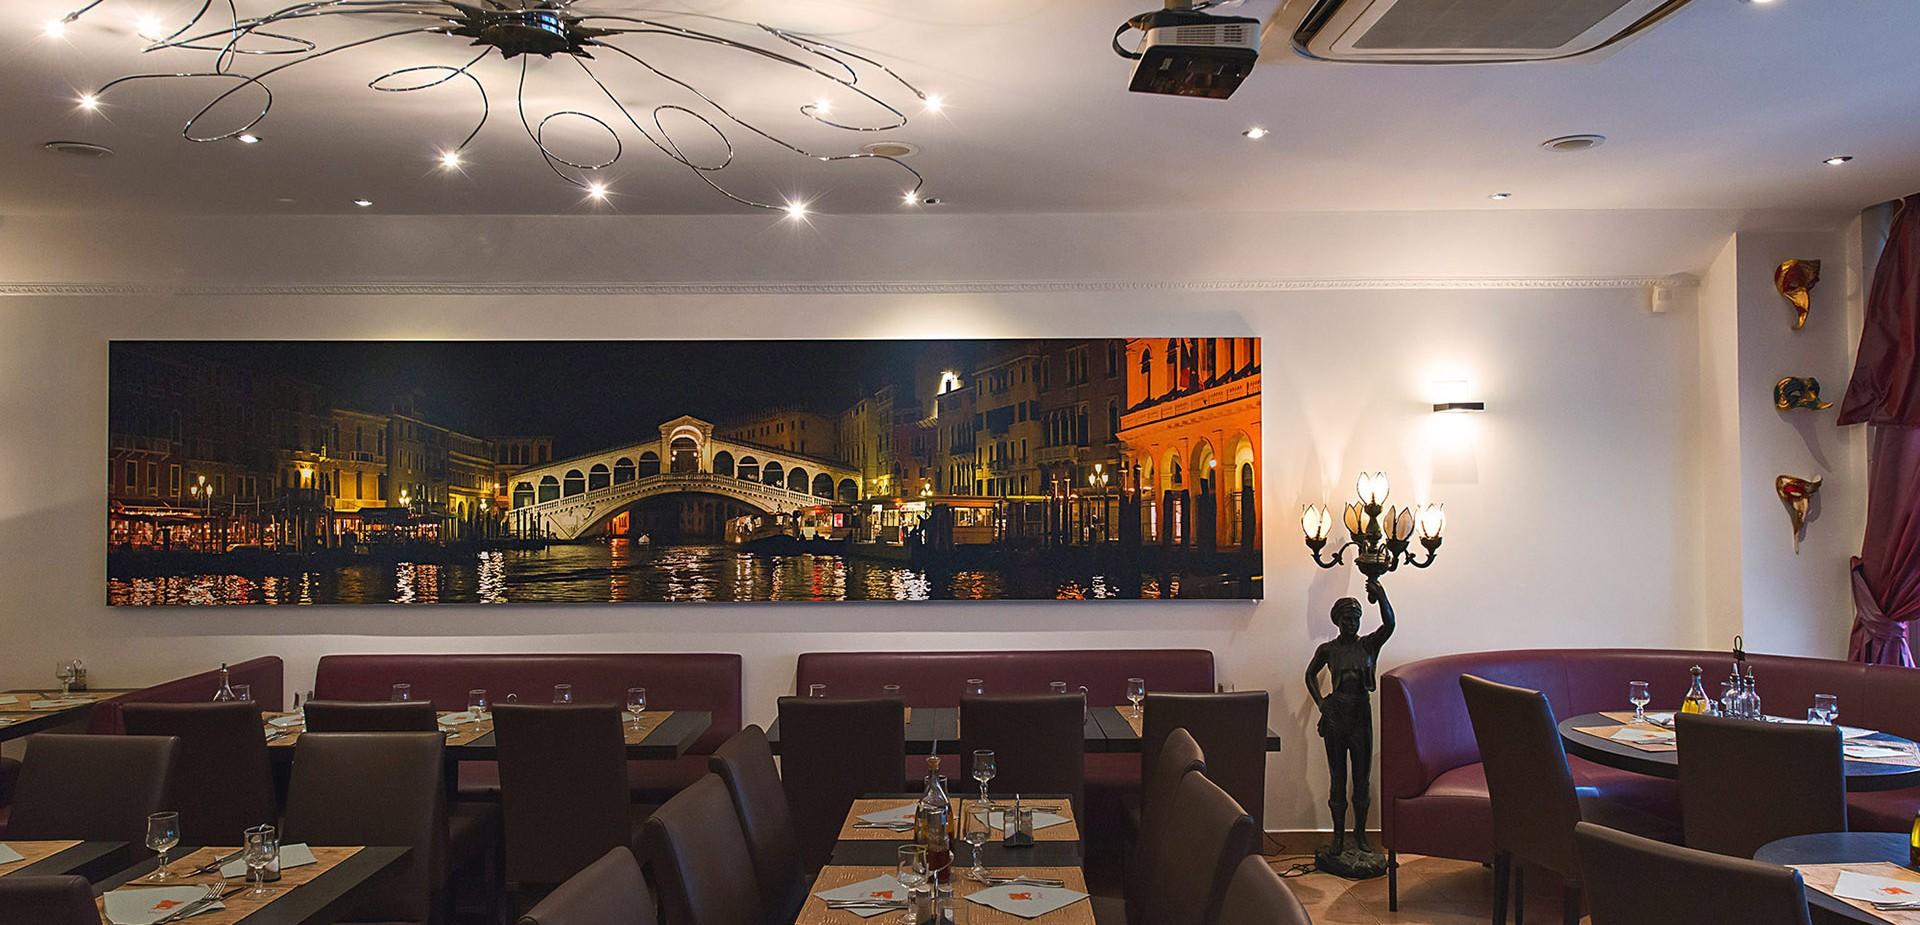 venezia-restaurant-italien-paris-12